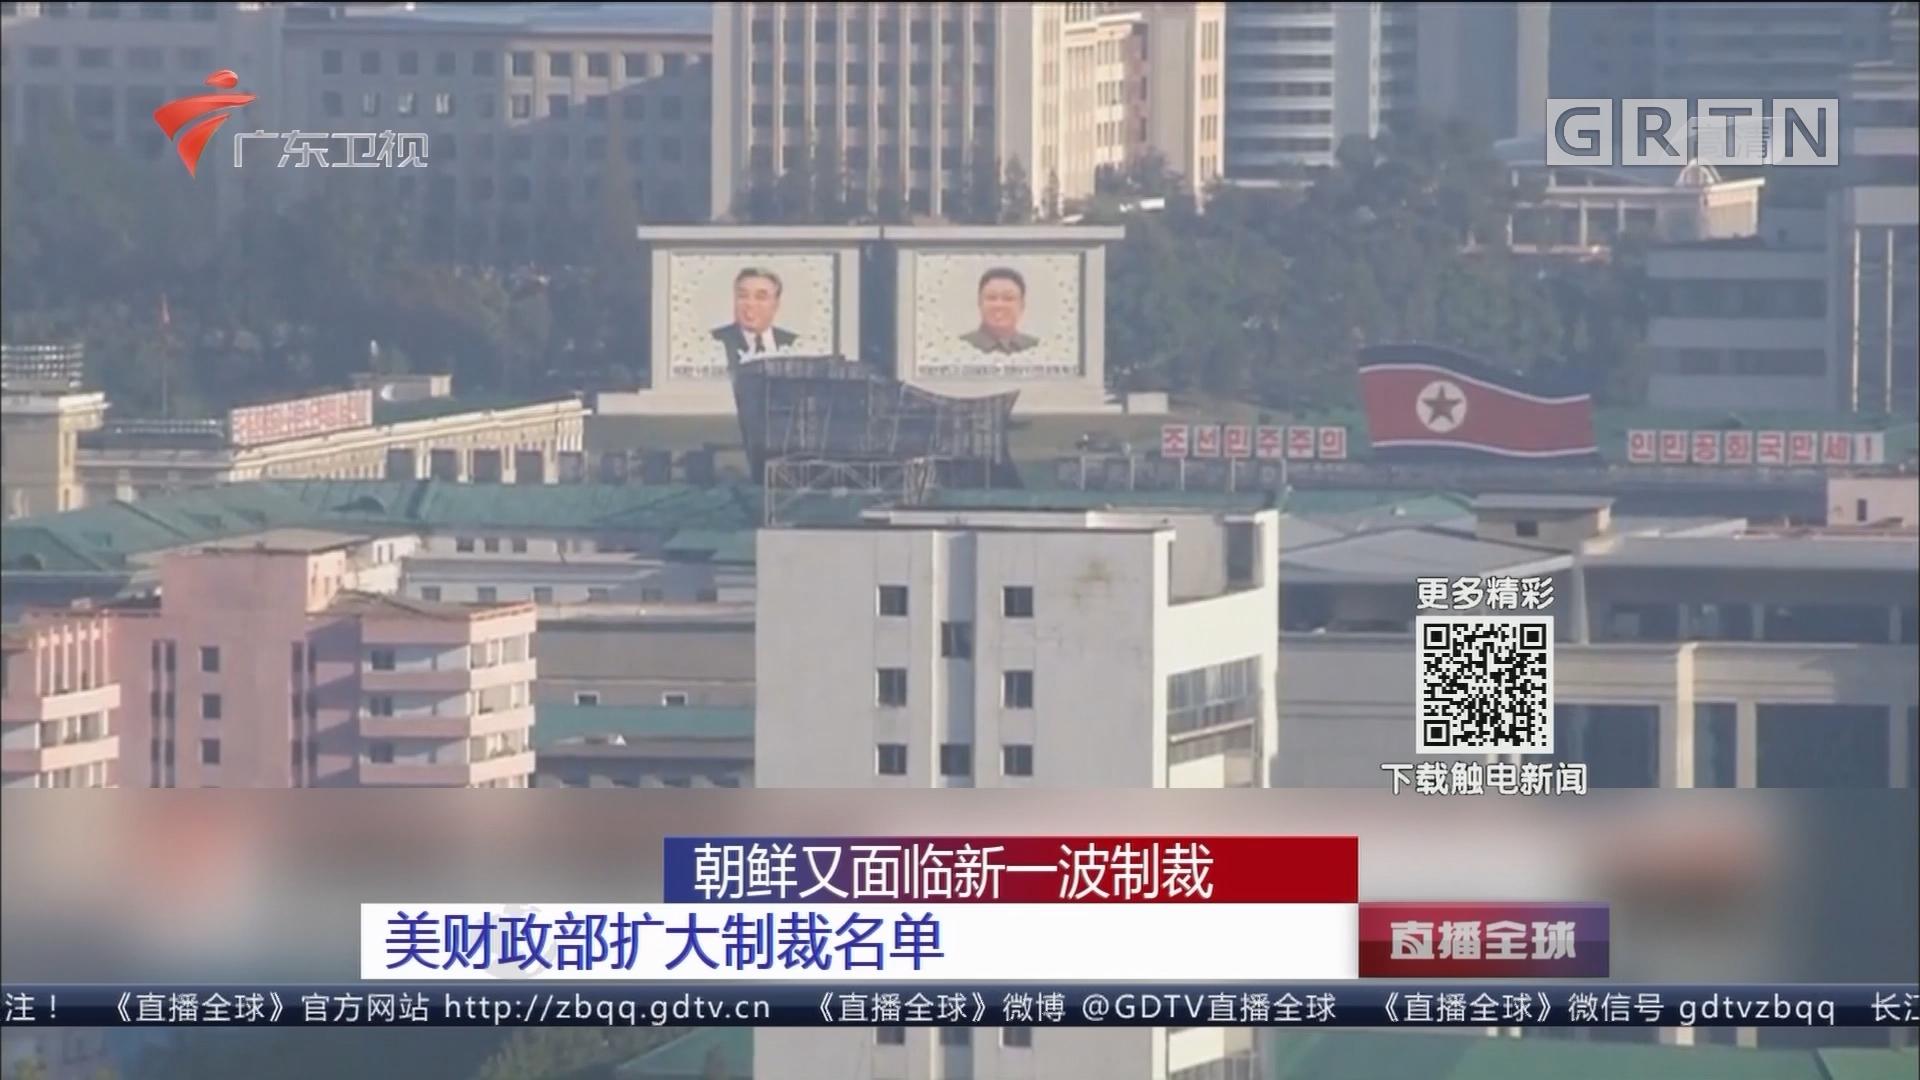 朝鲜又面临新一波制裁:美财政部扩大制裁名单